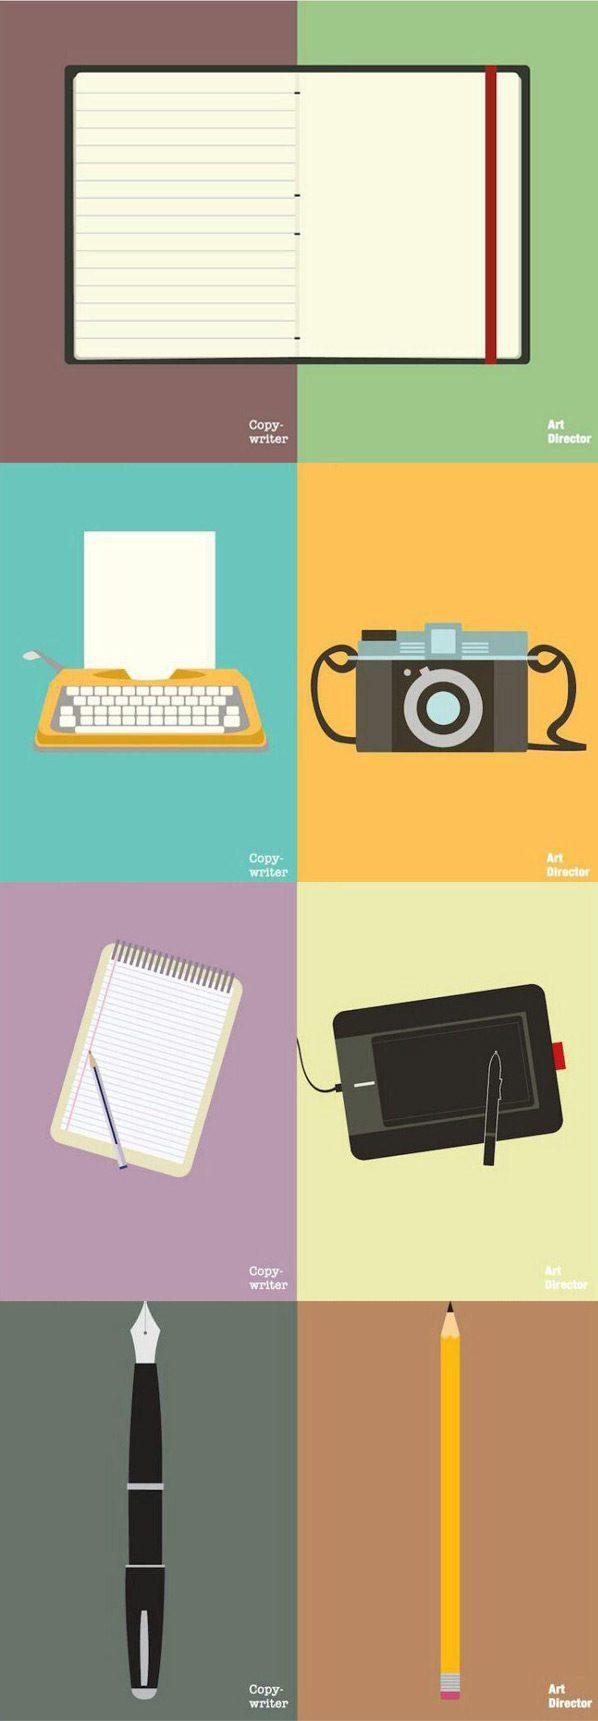 تفاوت تولیدکنندۀ محتوای هنری با کپی رایتینگ